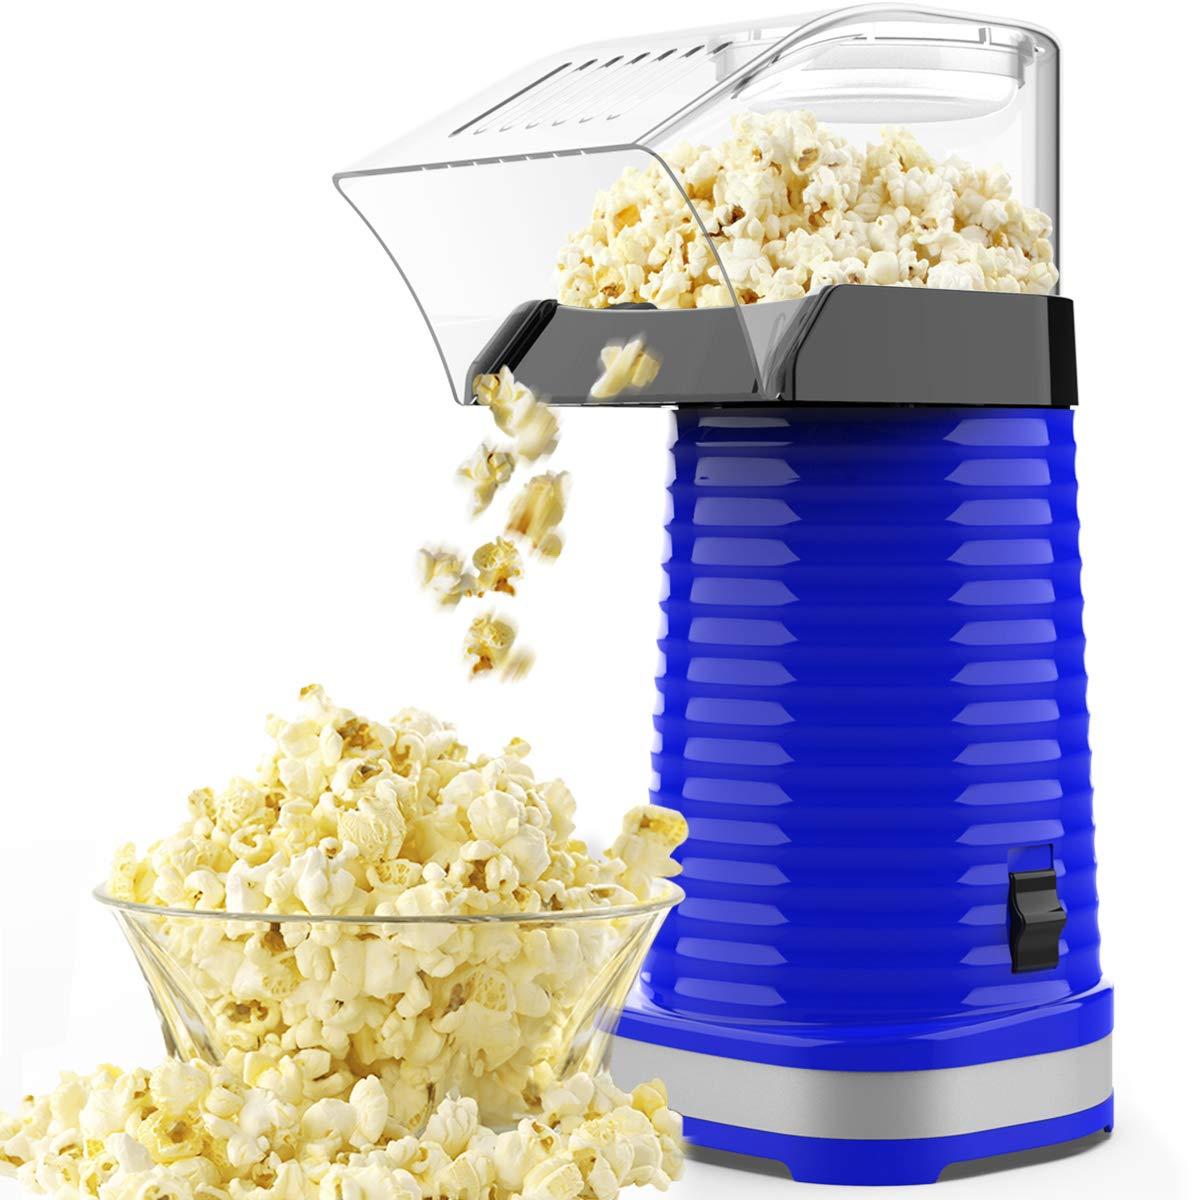 15% off a hot air popcorn machine